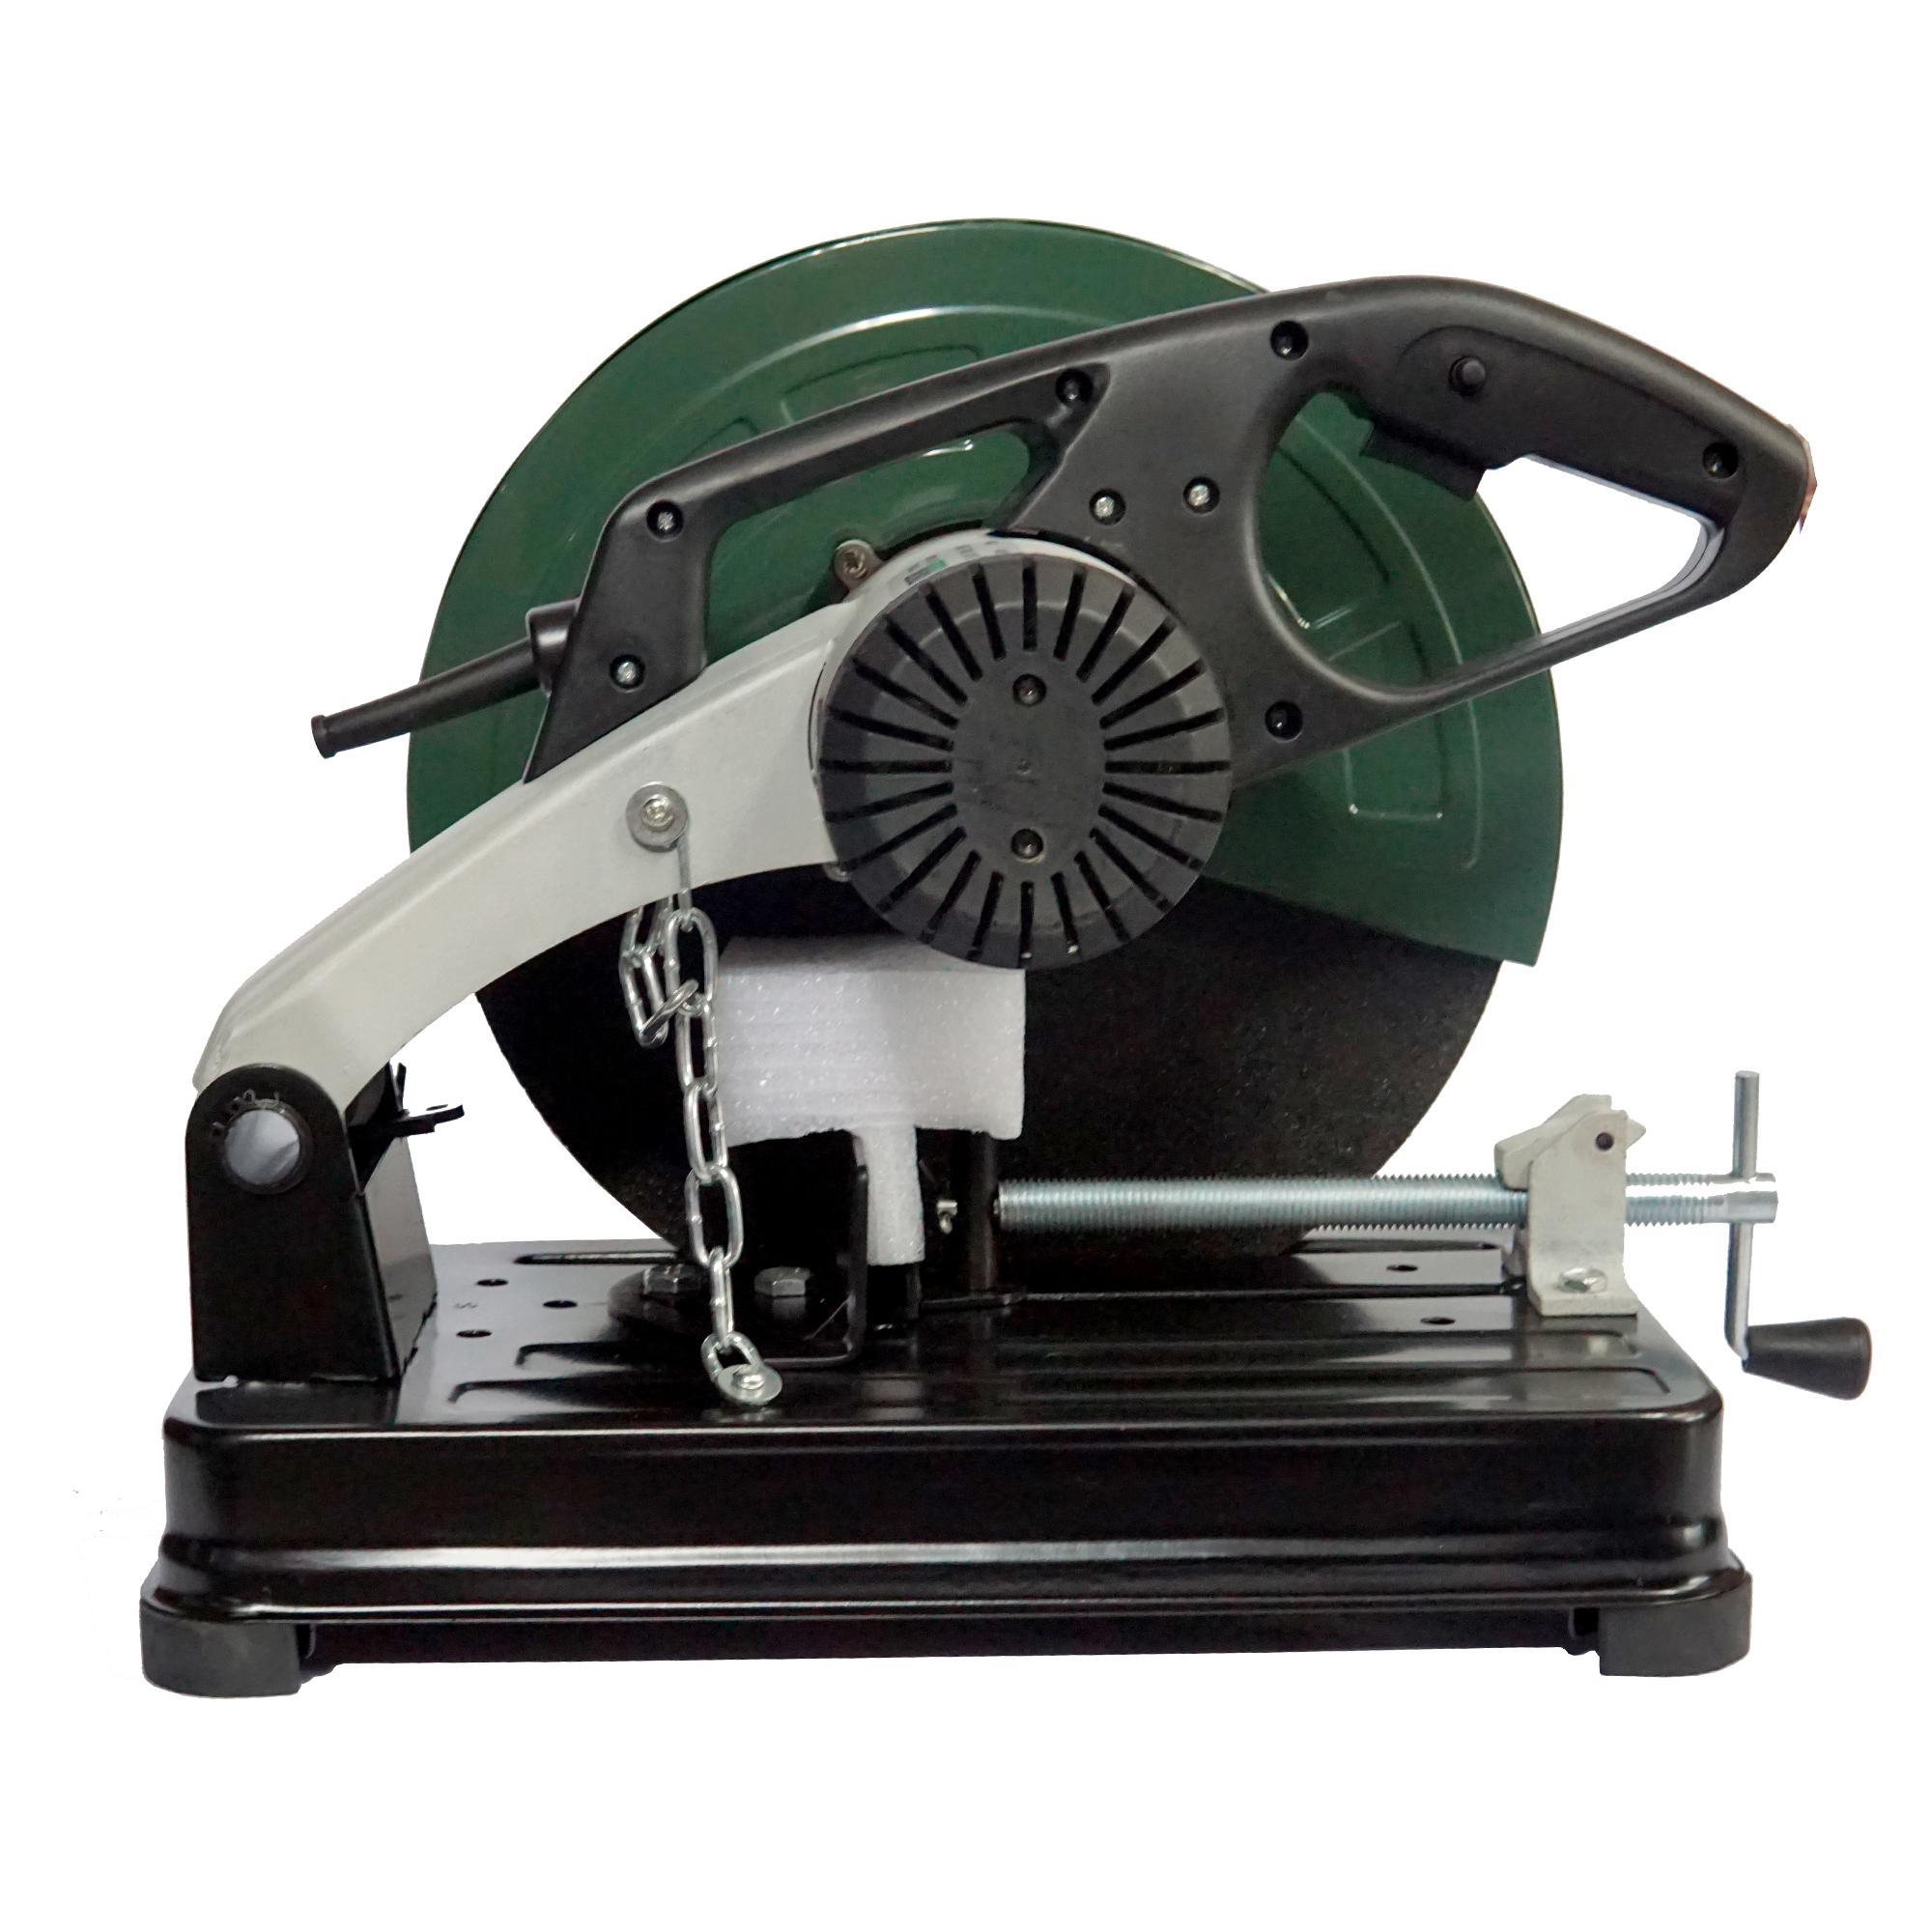 Máy cắt sắt JV-TECH VT15353 2000W